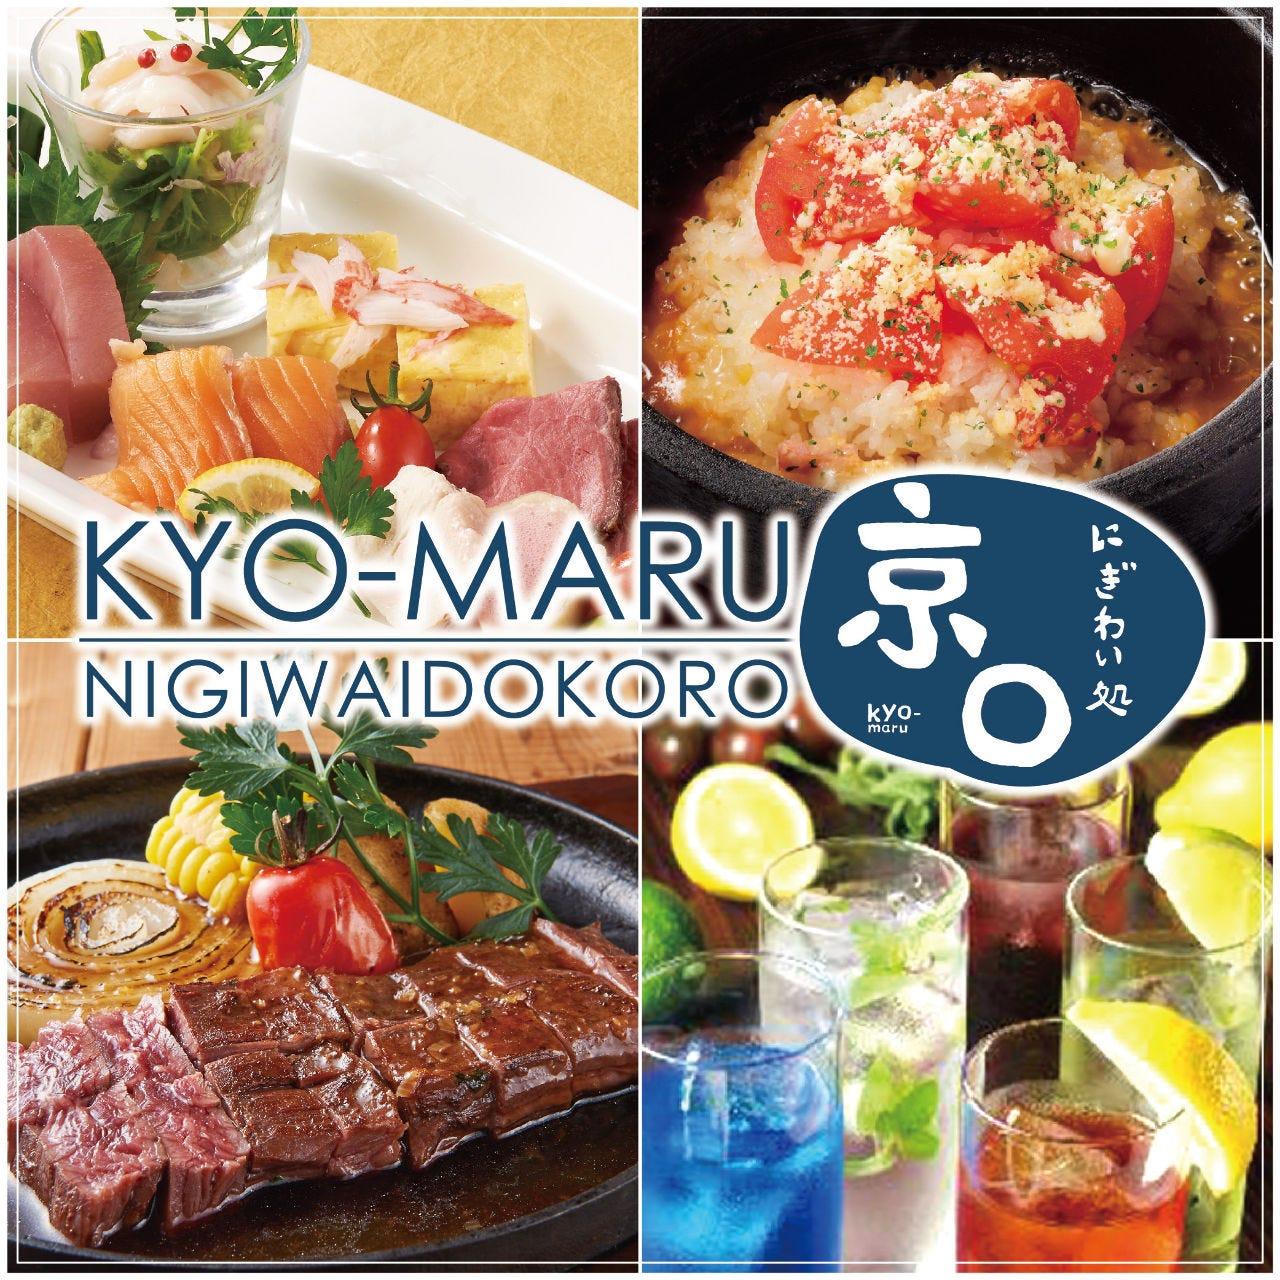 KYO-MARU Kashiwaten